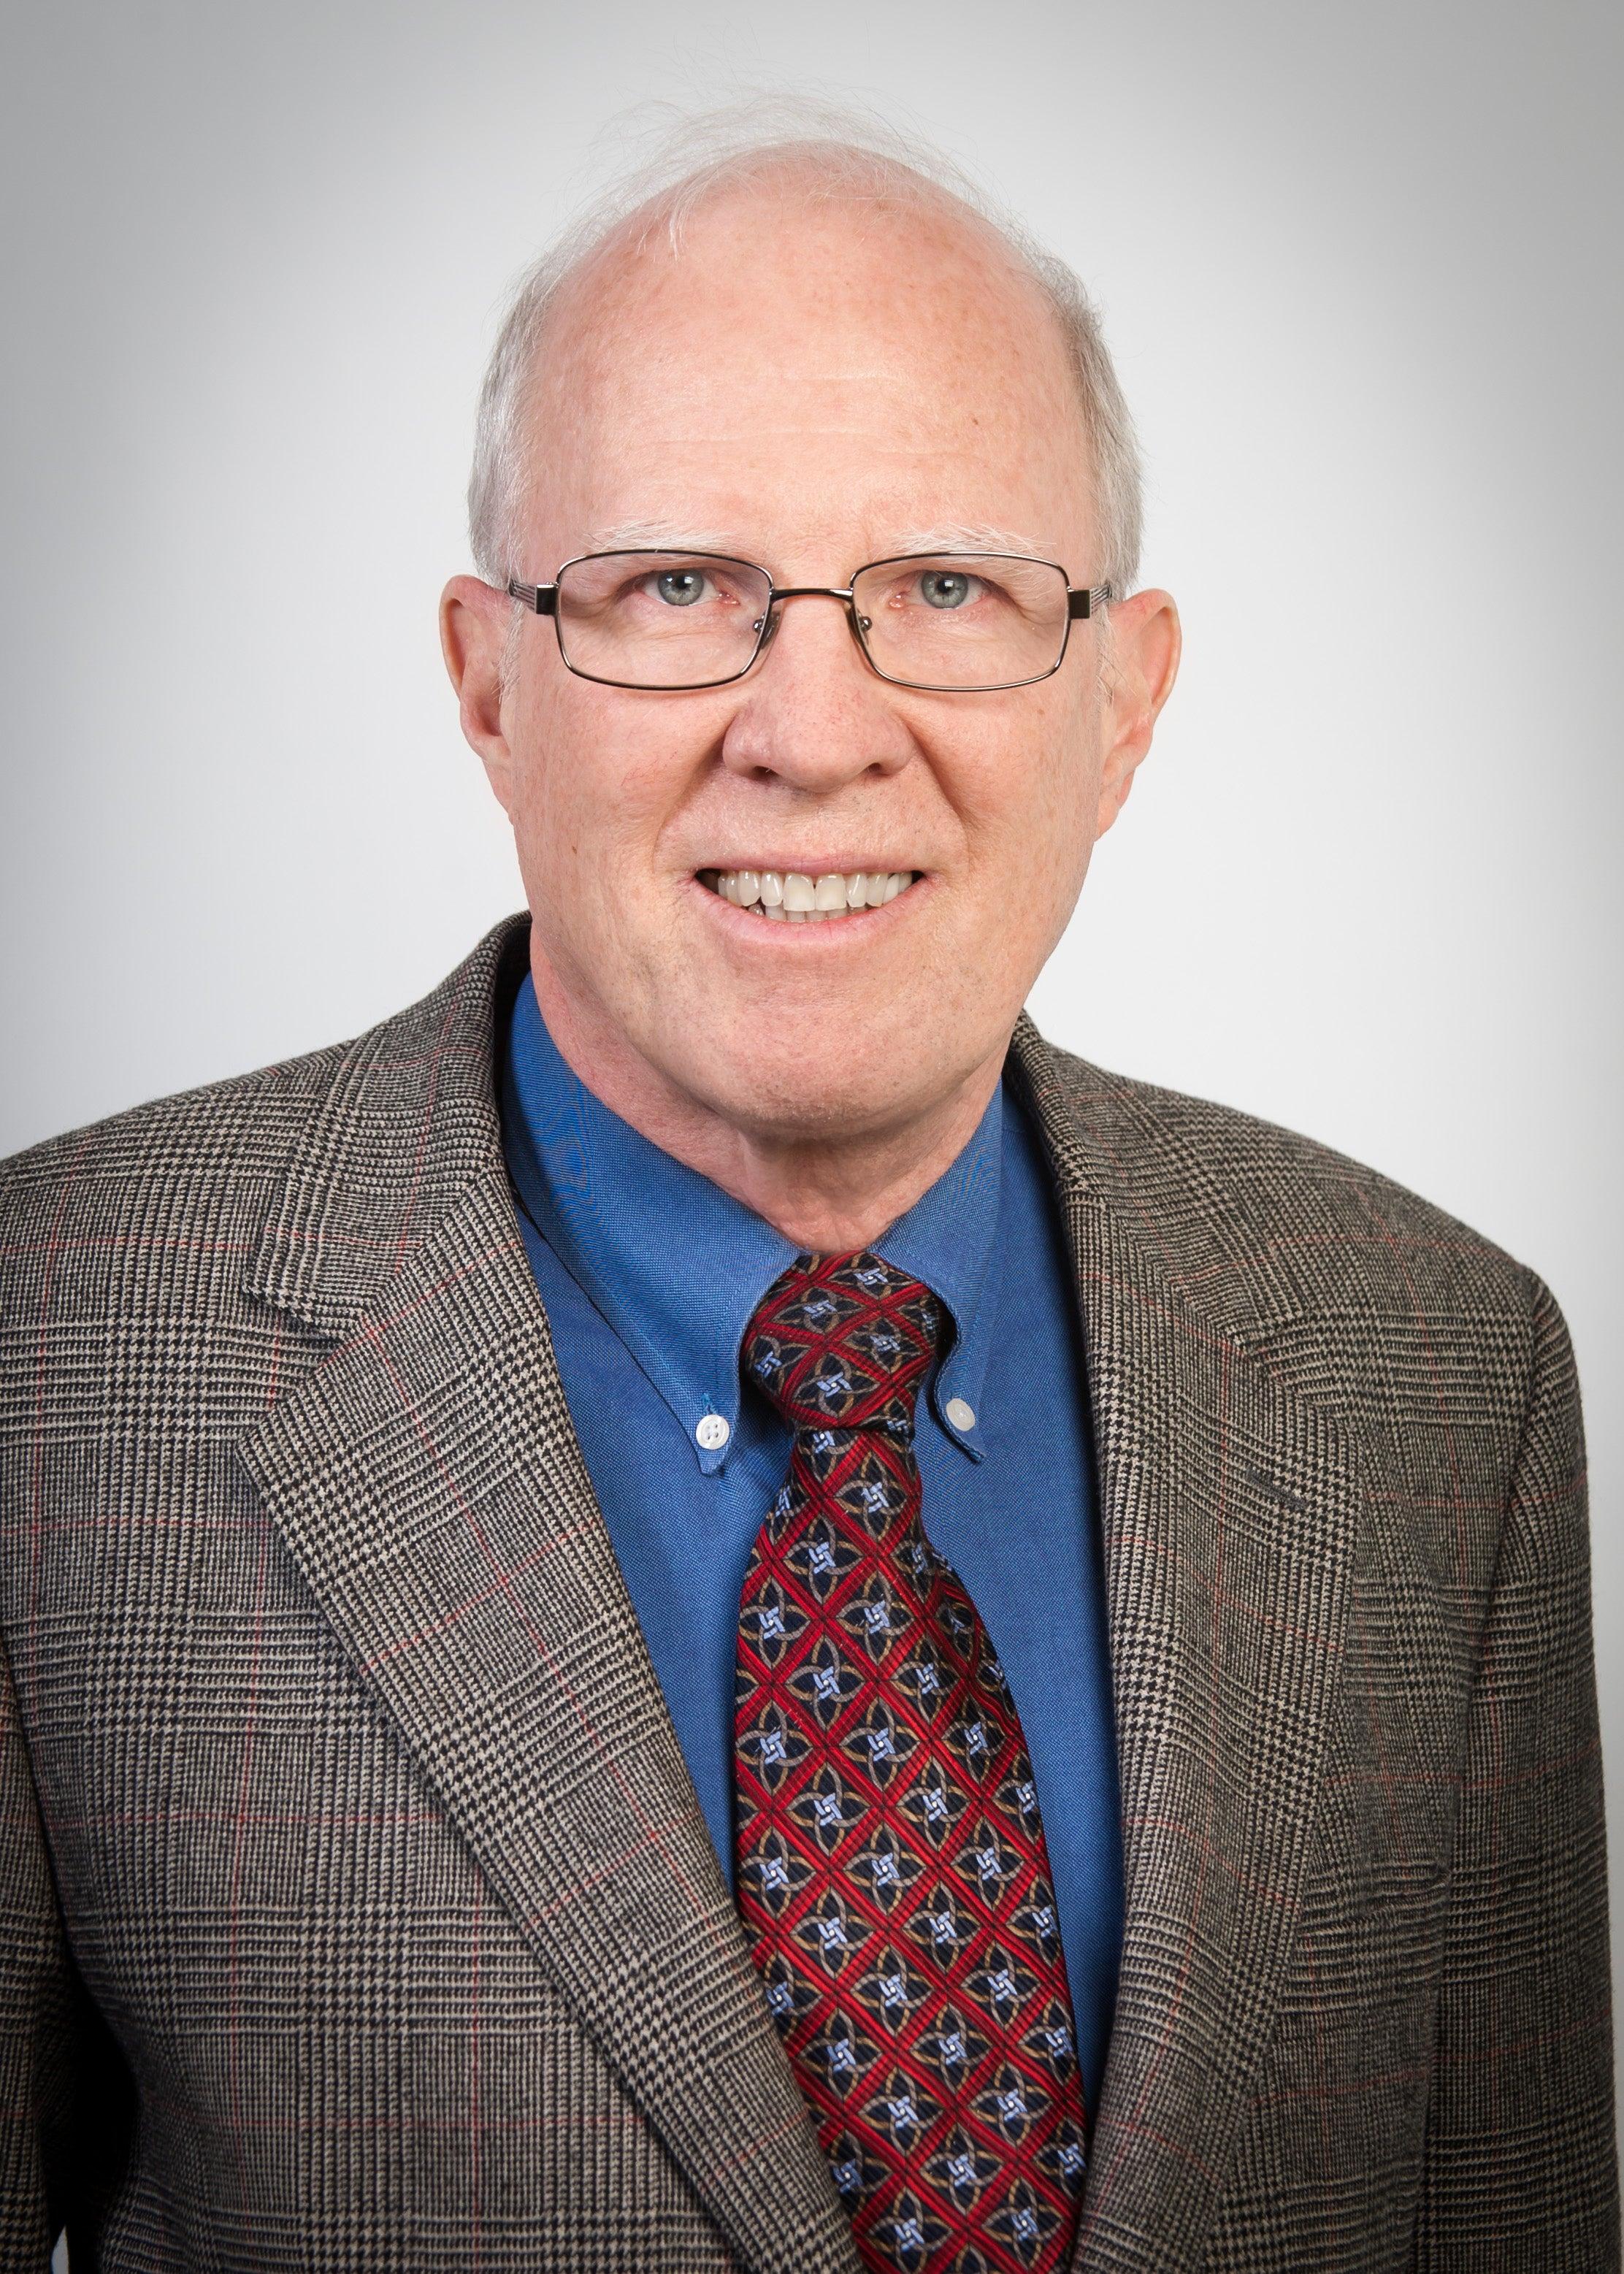 Ron Masulis